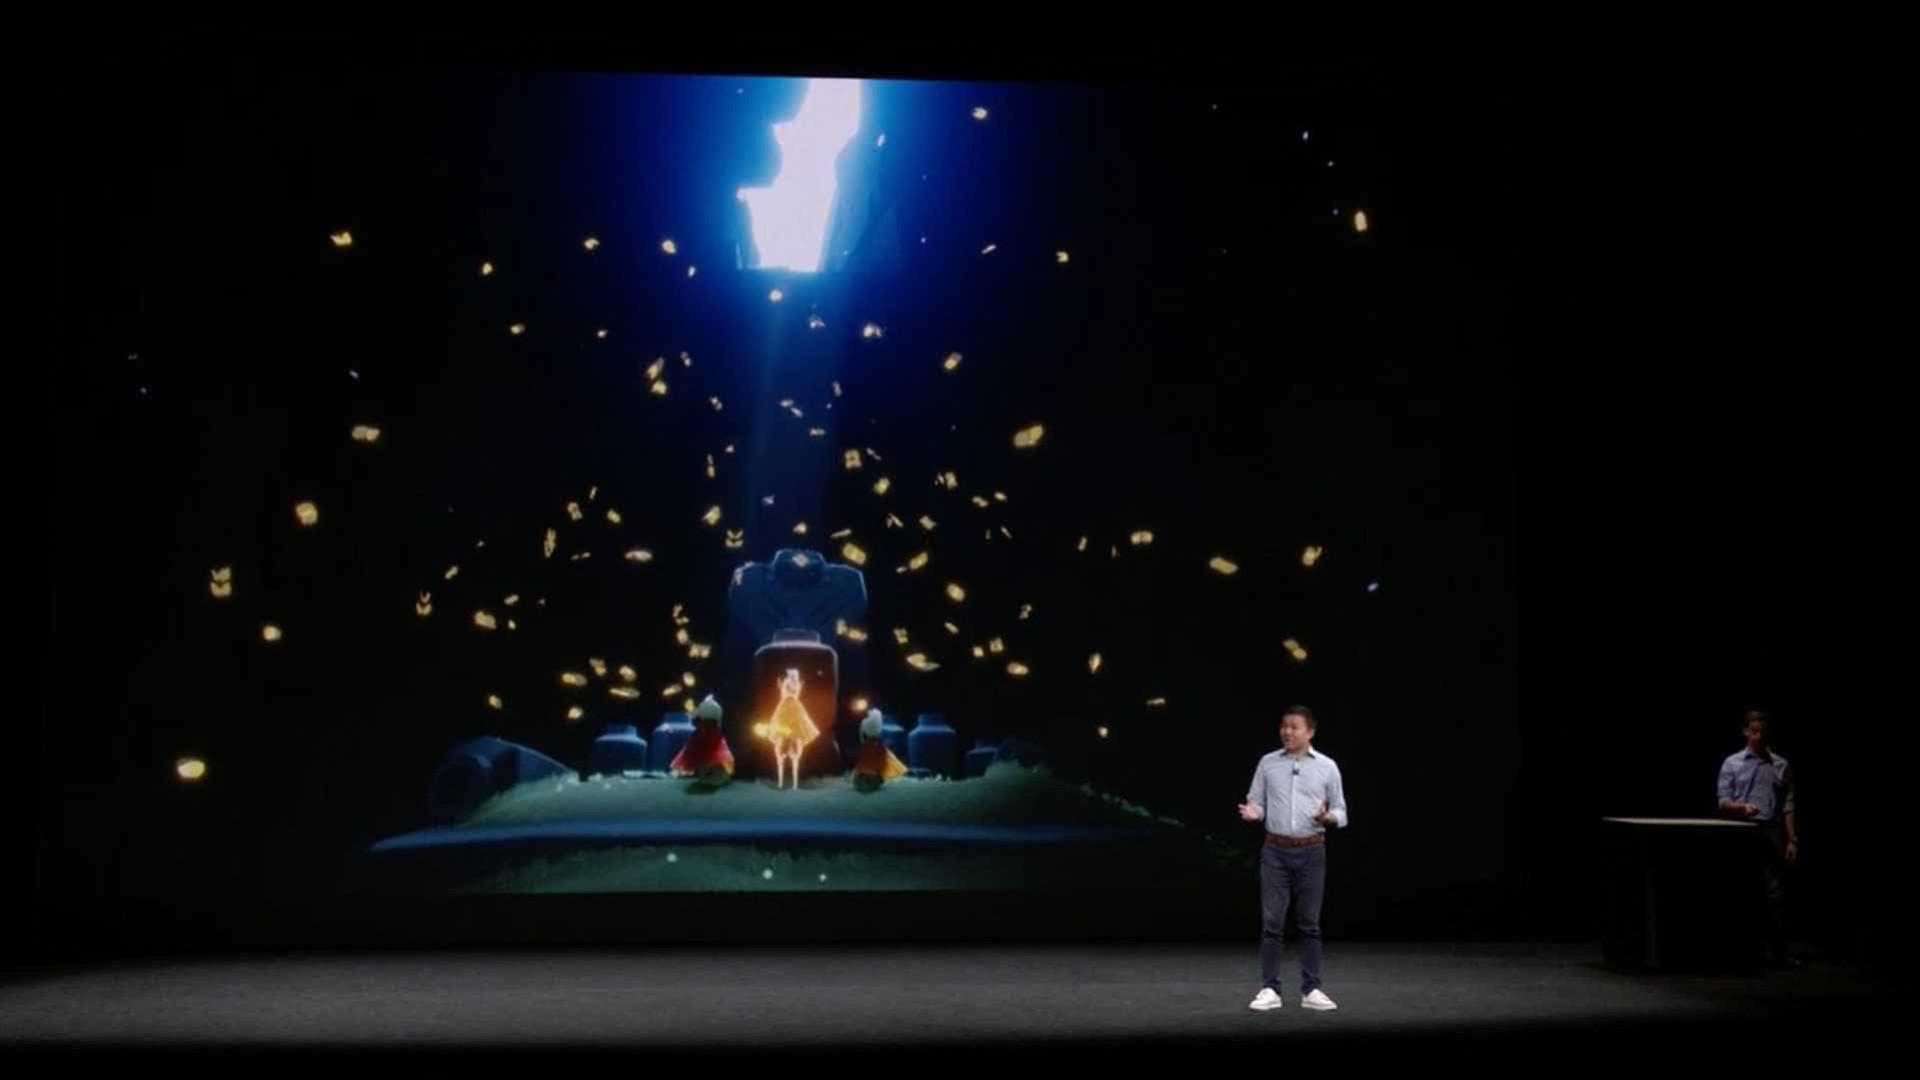 Foi apresentada uma nova Apple TV… desta vez em 4K